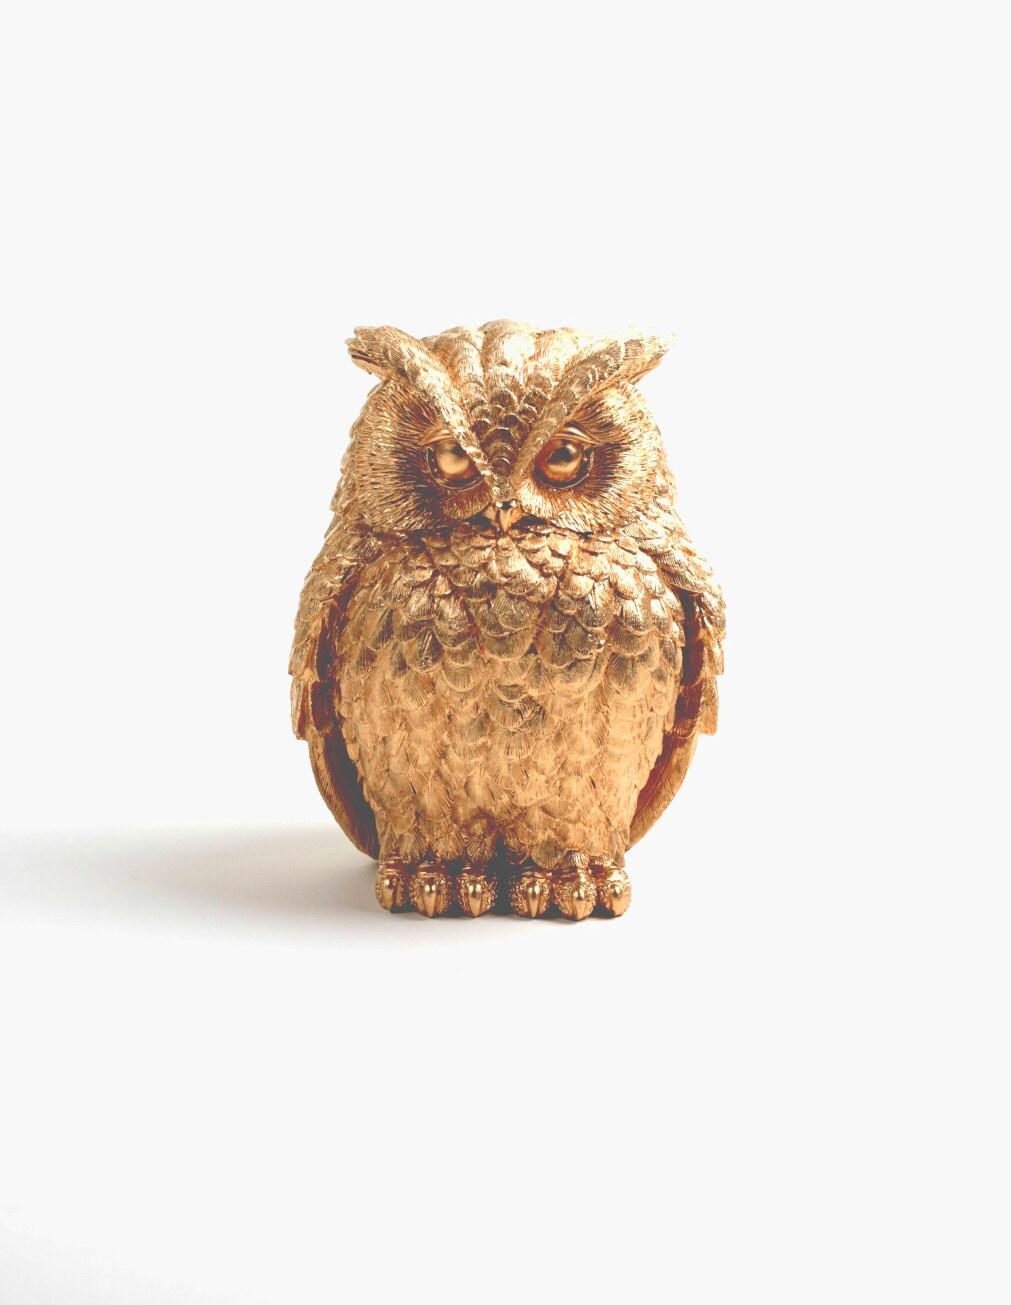 Owl Home Decor The Chubby Little Gold Owl Gold Barn Owl